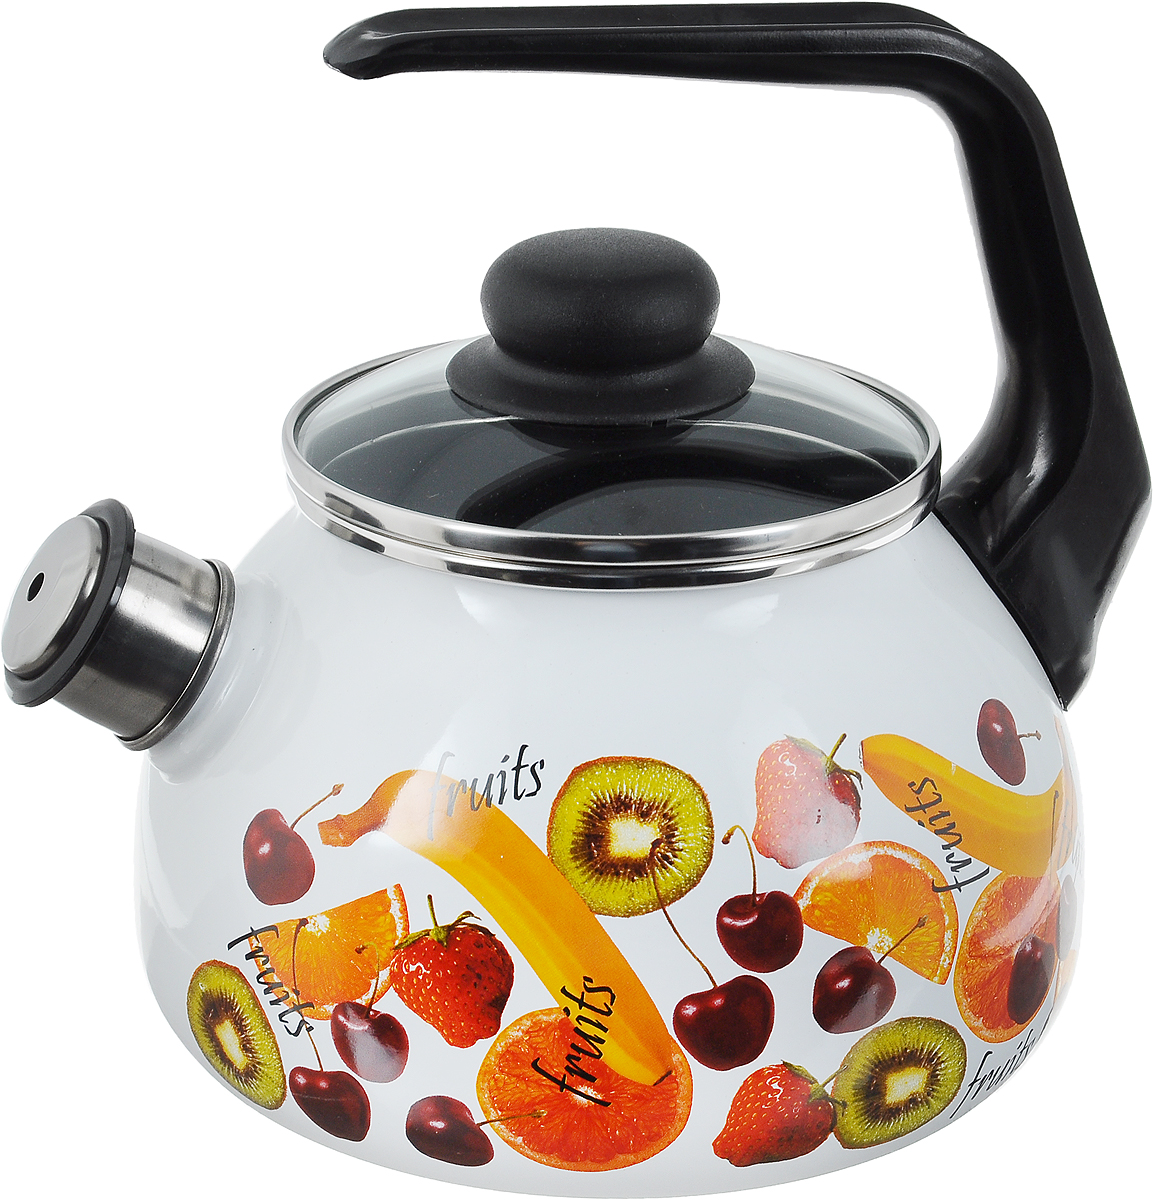 """Чайник Vitross """"Fruits"""" выполнен из высококачественной стали,  что обеспечивает долговечность использования. Внешнее  цветное эмалевое покрытие придает приятный внешний  вид. Пластиковая фиксированная ручка делает  использование чайника очень удобным и безопасным.  Чайник снабжен съемным свистком.  Можно мыть в посудомоечной машине. Пригоден для всех  видов плит, включая индукционные.  Диаметр чайника (по верхнему краю): 13 см. Высота чайника (без учета крышки и ручки): 21,5 см. Диаметр основания: 15 см."""